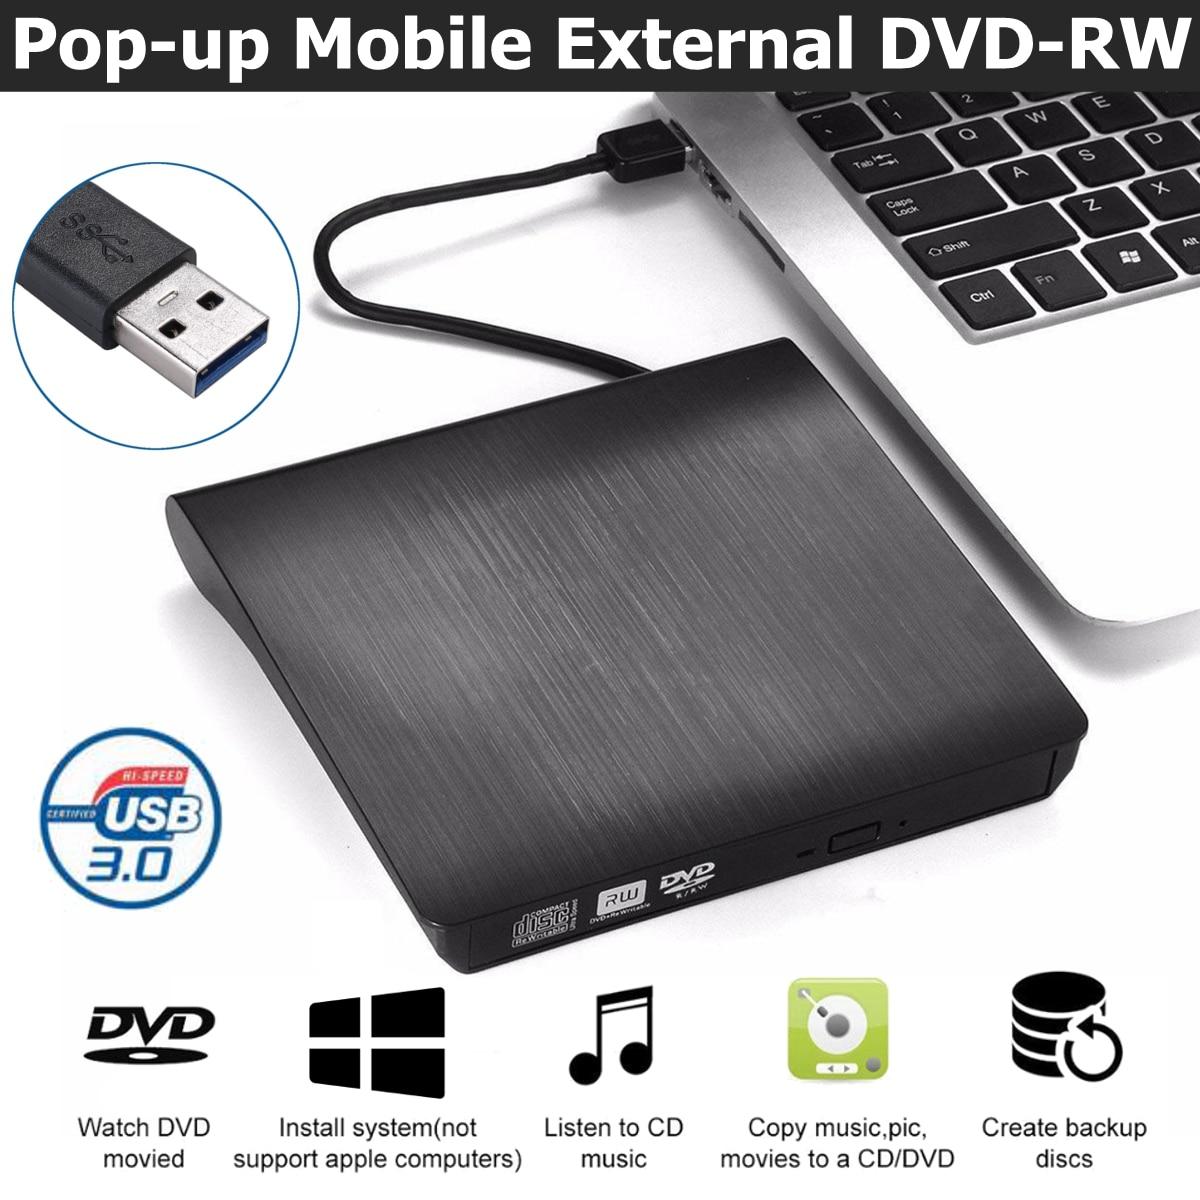 USB 3.0 mince externe DVD RW CD graveur lecteur lecteur lecteur optique lecteurs pour ordinateur portable